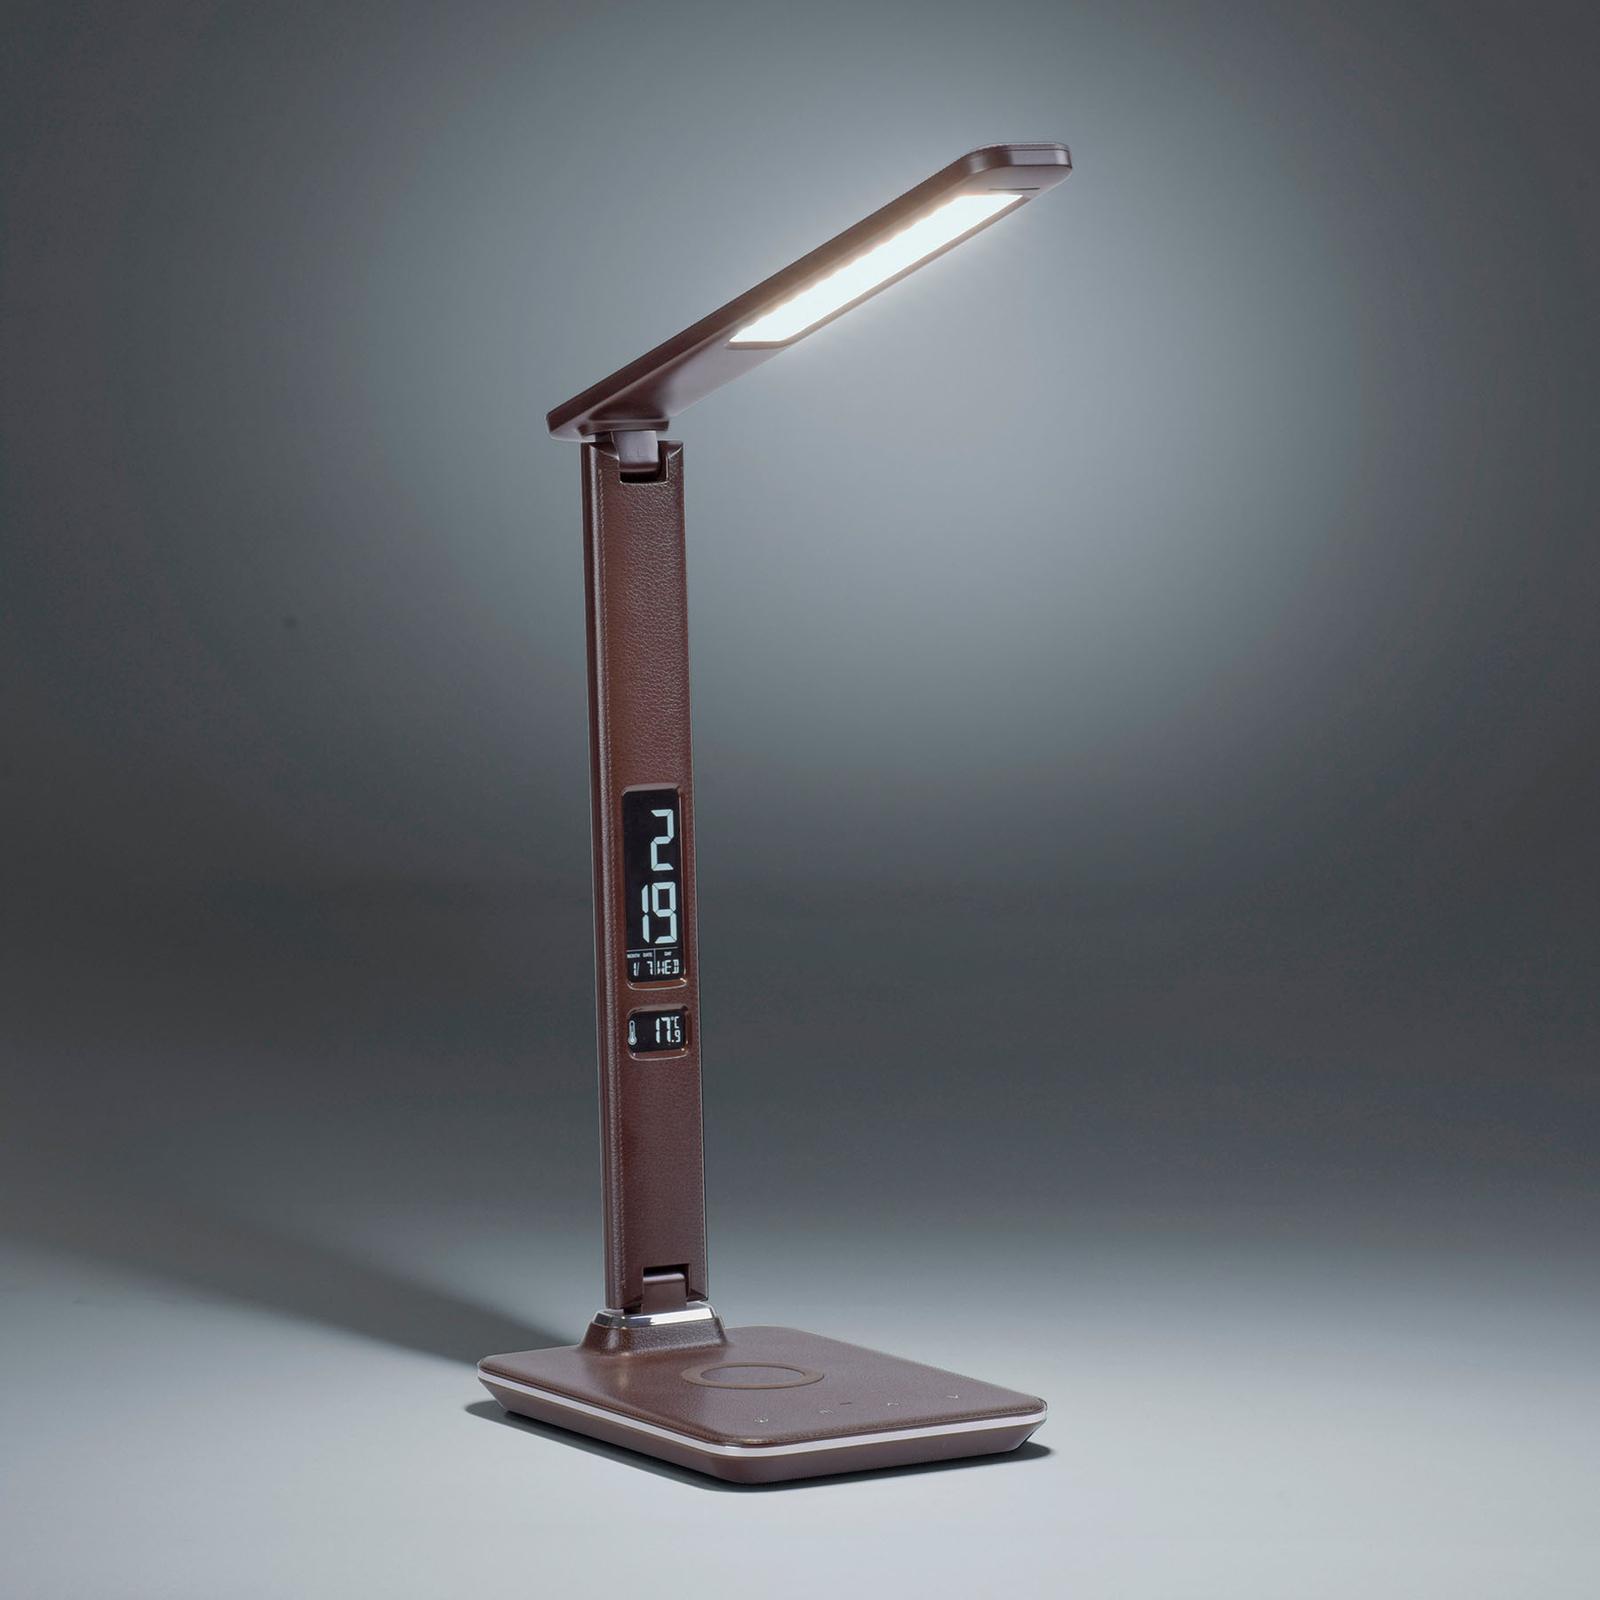 LED-pöytälamppu Adriano CCT himmennettävä, ruskea